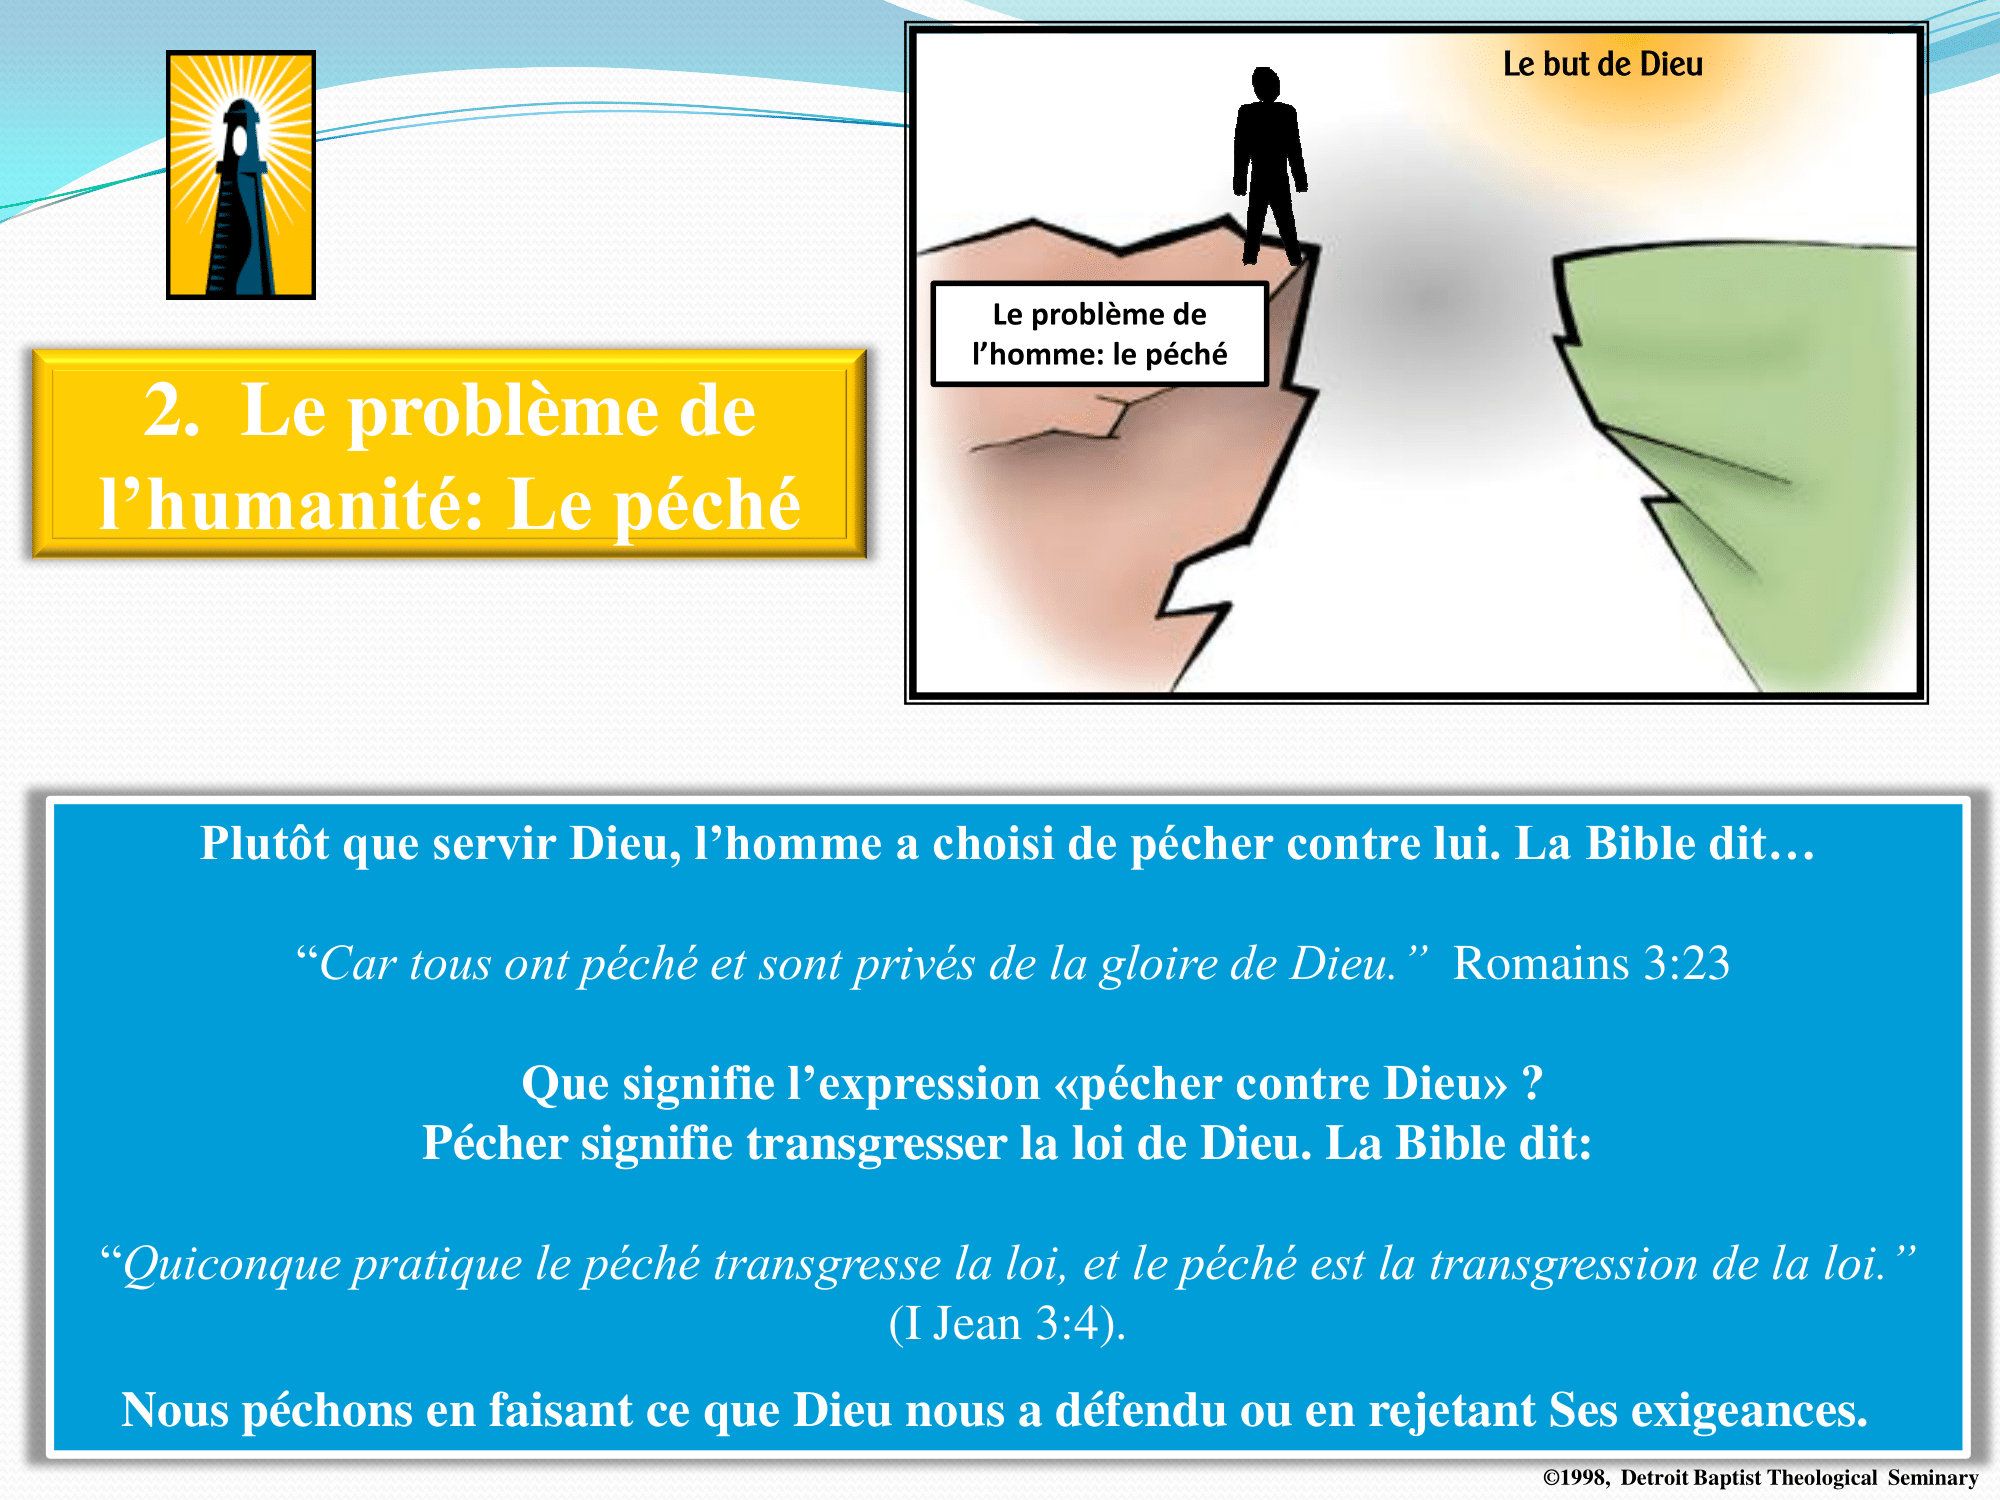 2. Le problème de l'humanité - Le péché